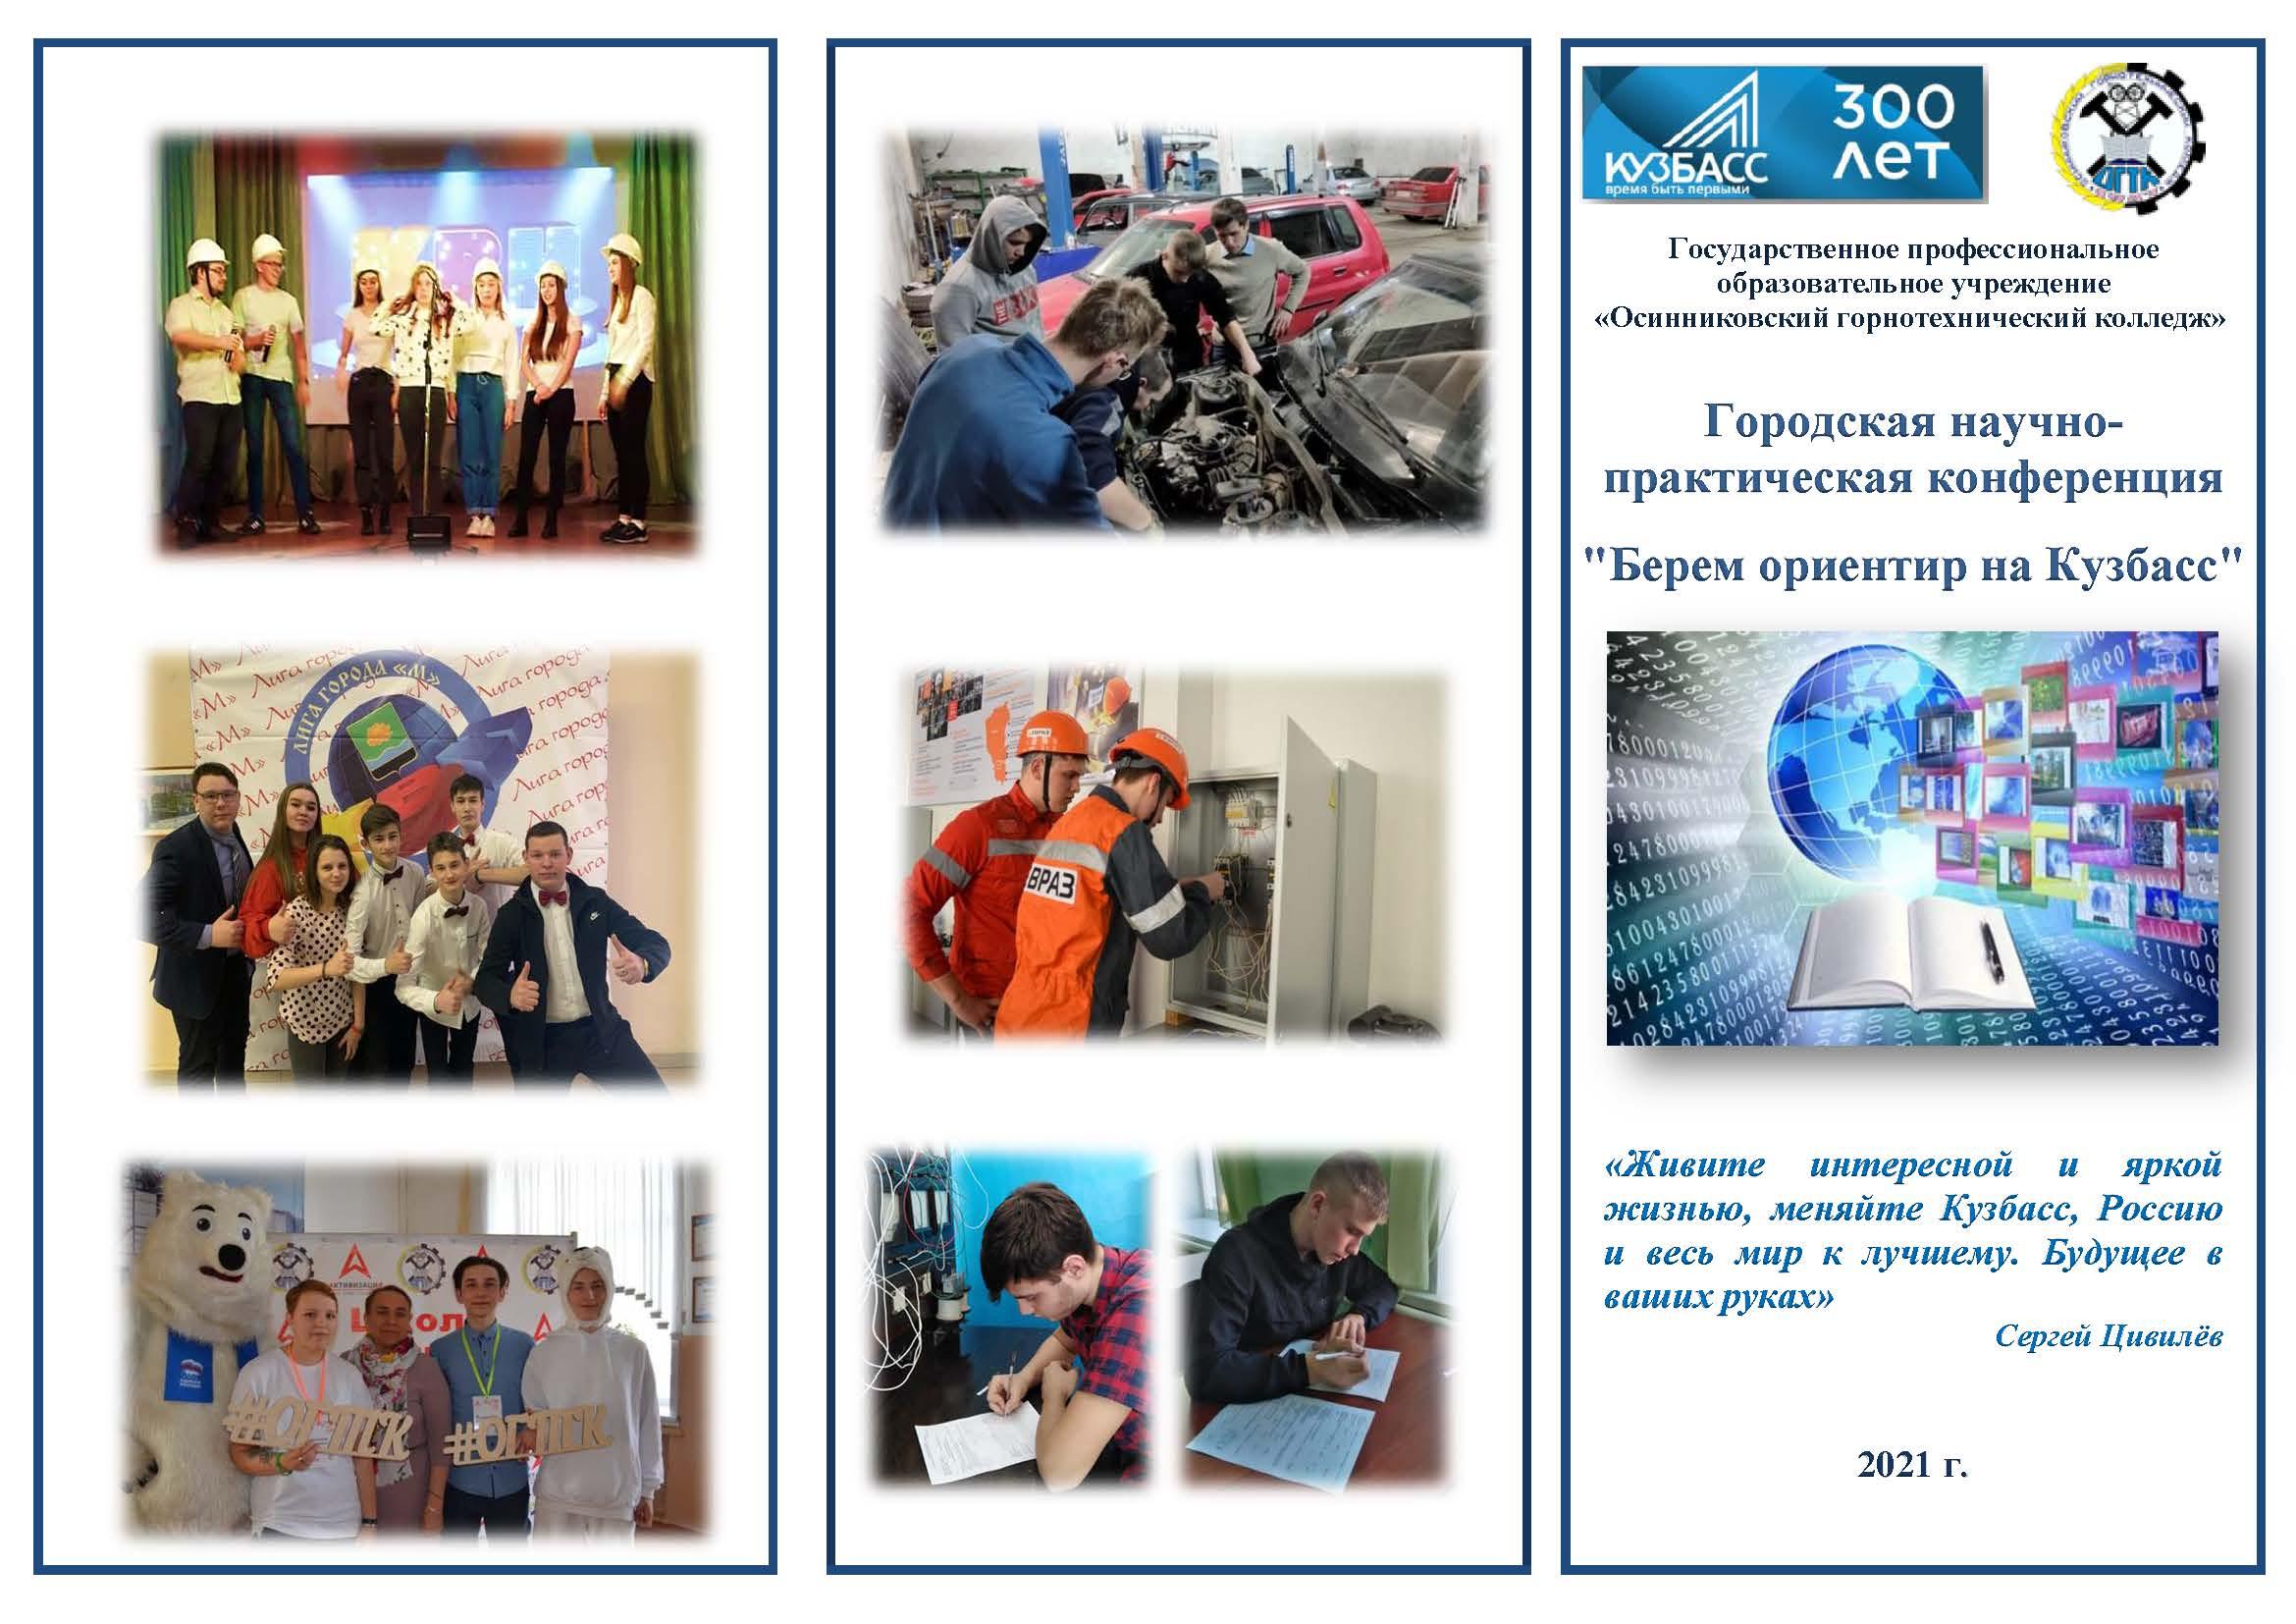 Городская научно-практическая конференция «Берем ориентир на Кузбасс».